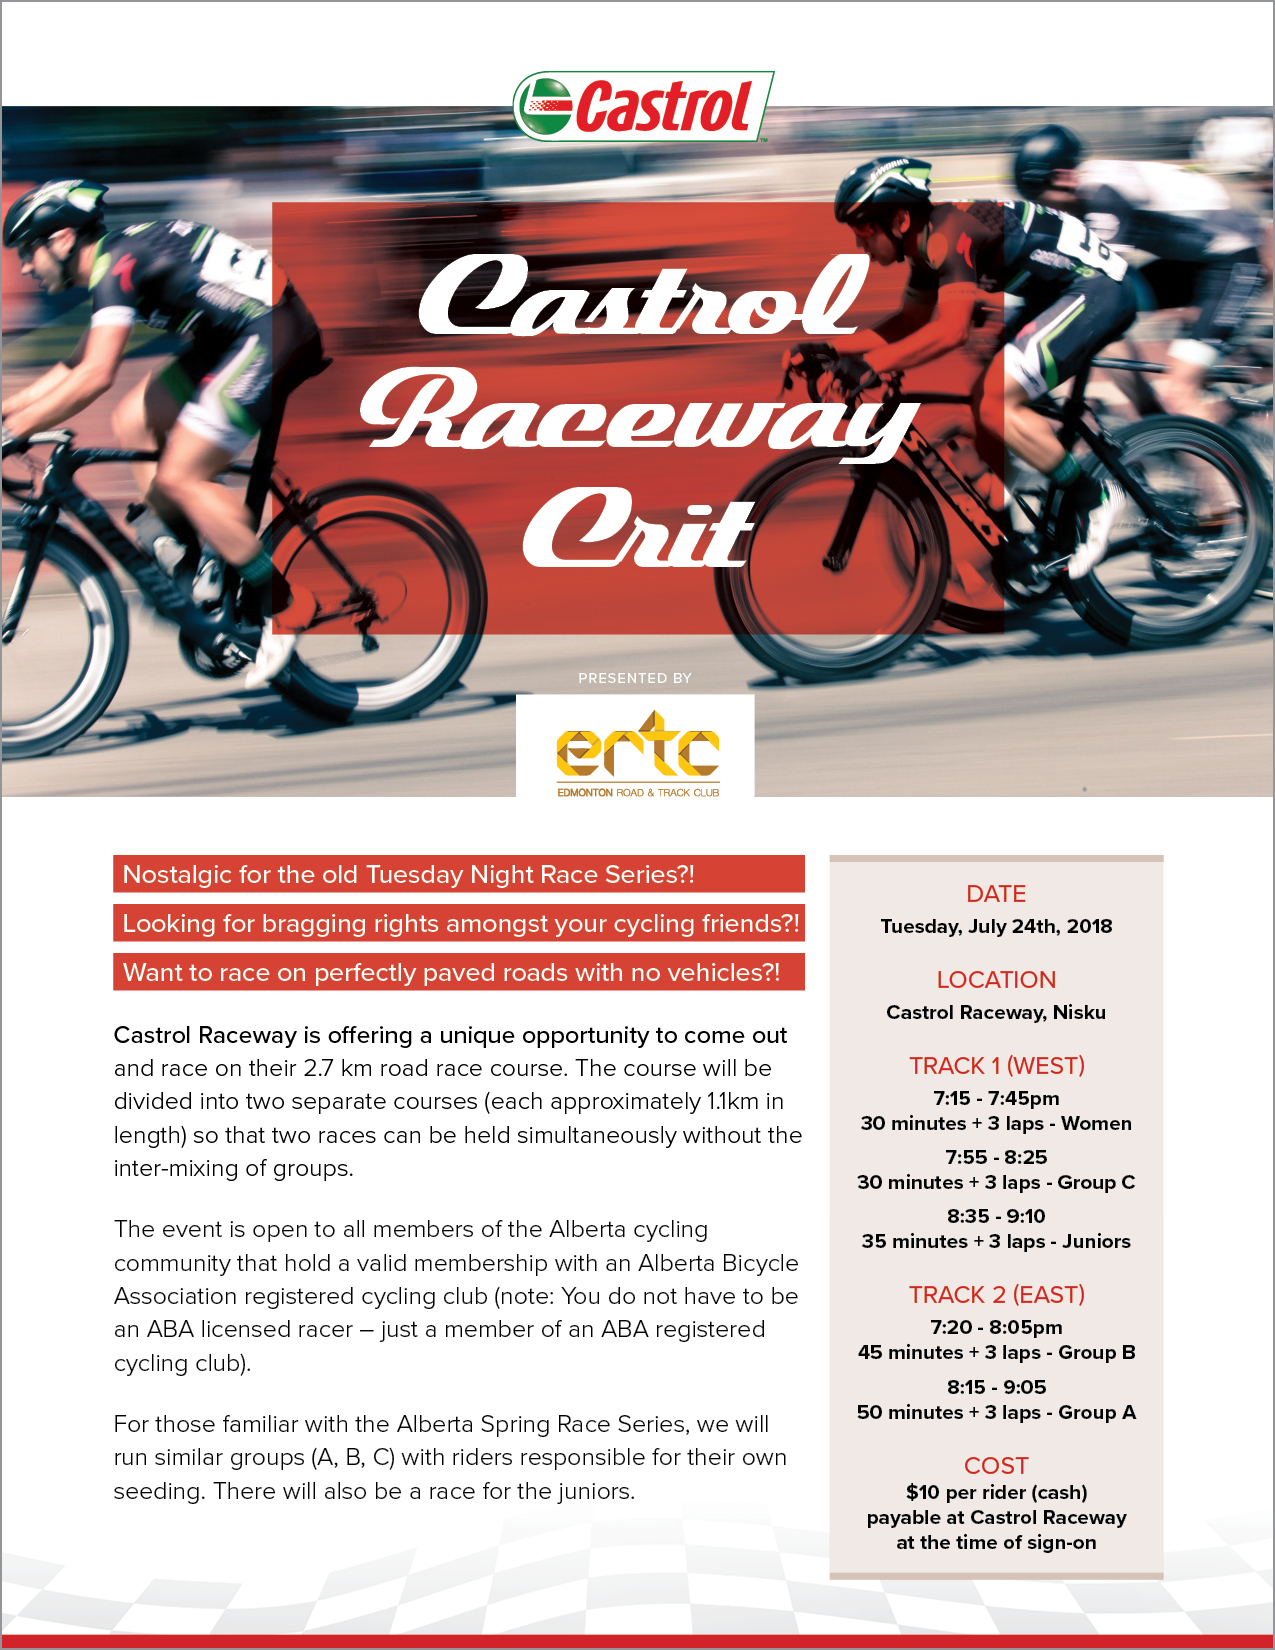 Castrol Crit Poster E2(1).jpg